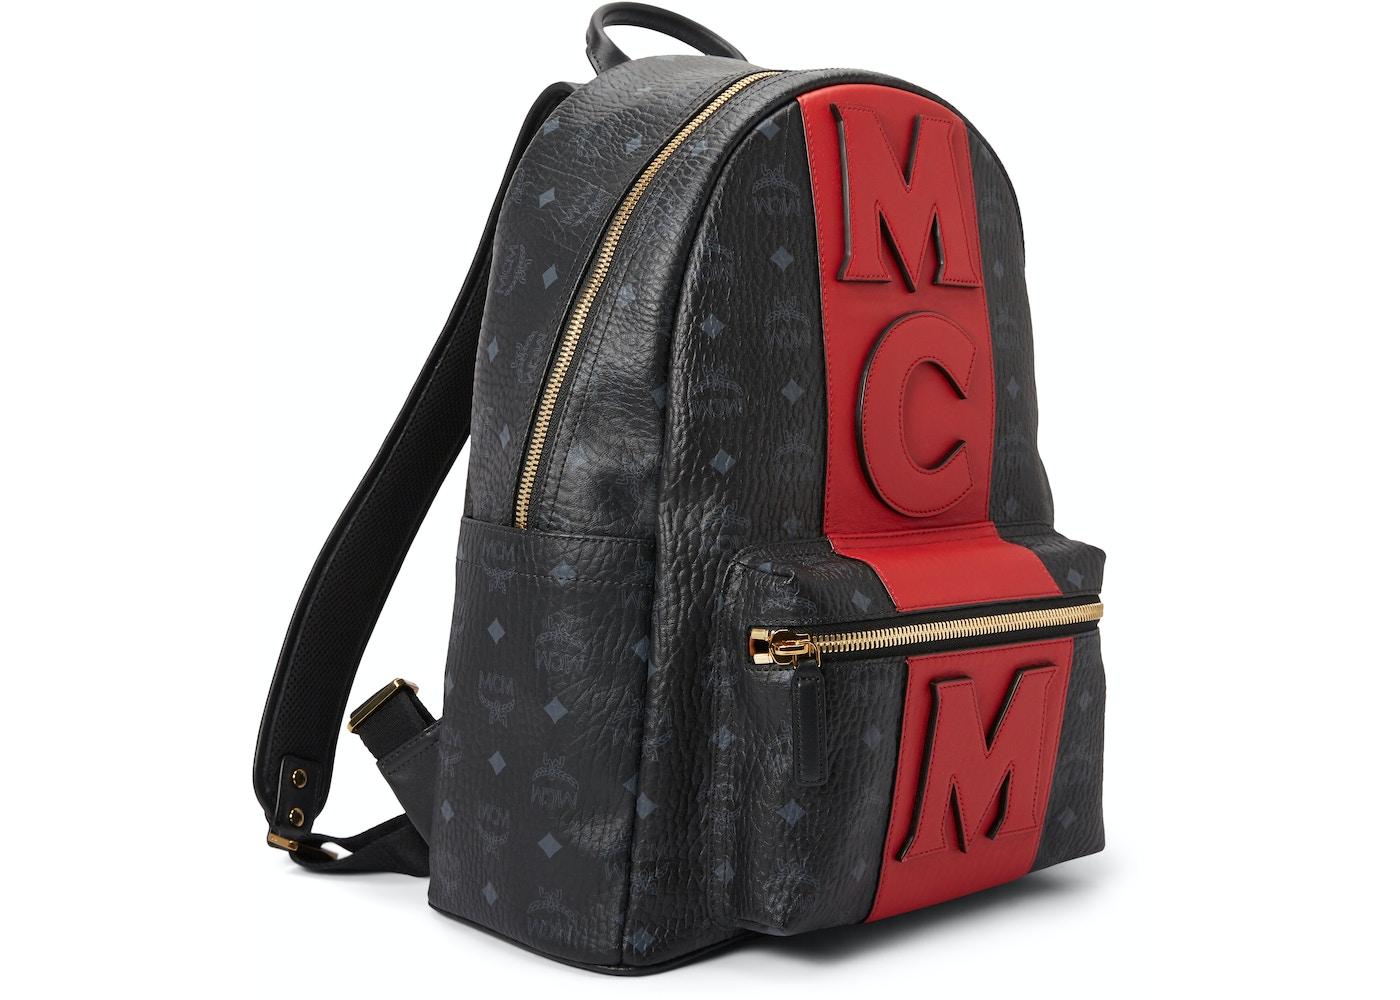 b919e3dbb Buy & Sell MCM Handbags - Highest Bid